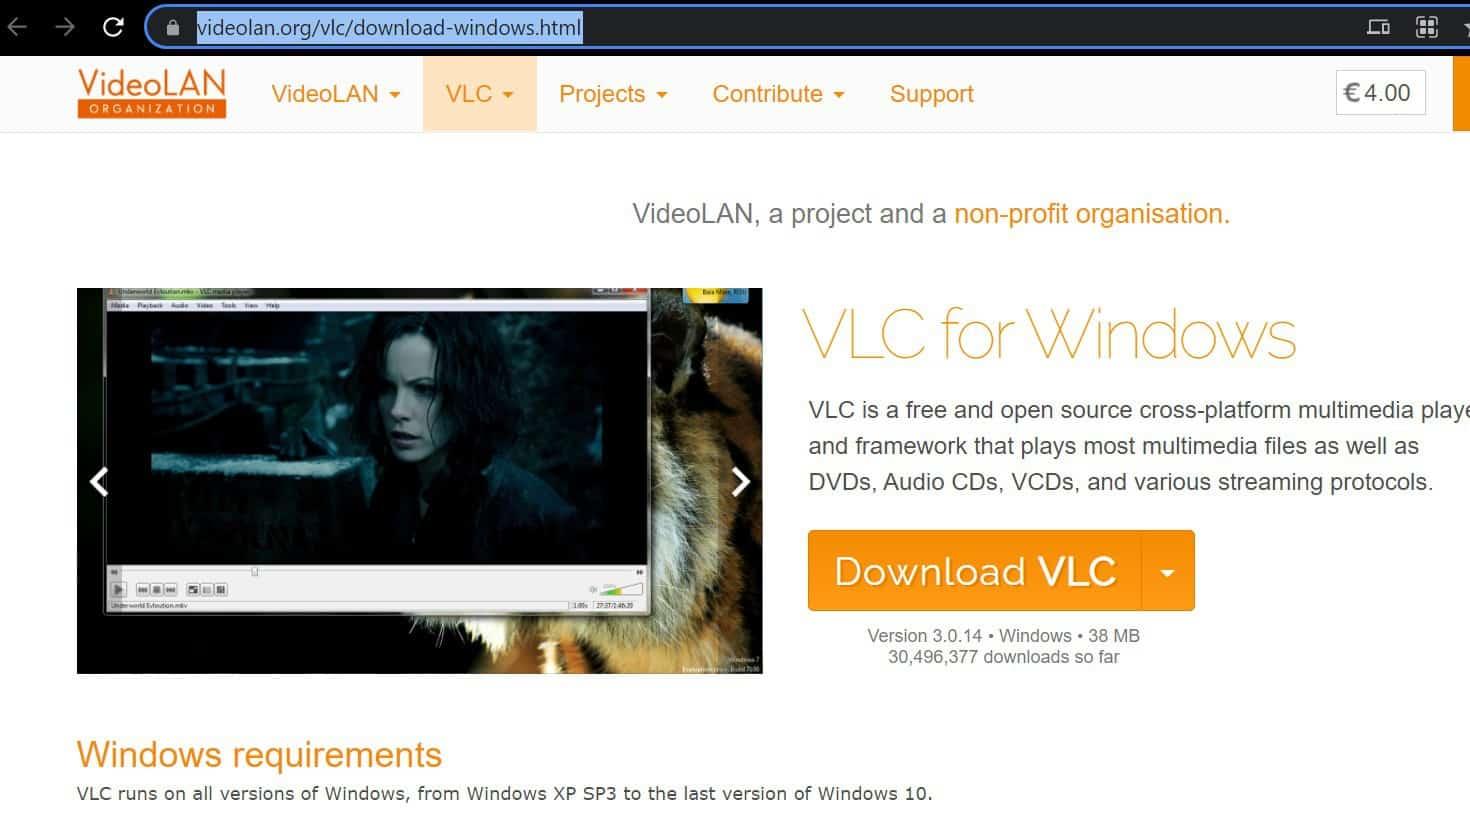 How to Setup IPTV on VLC